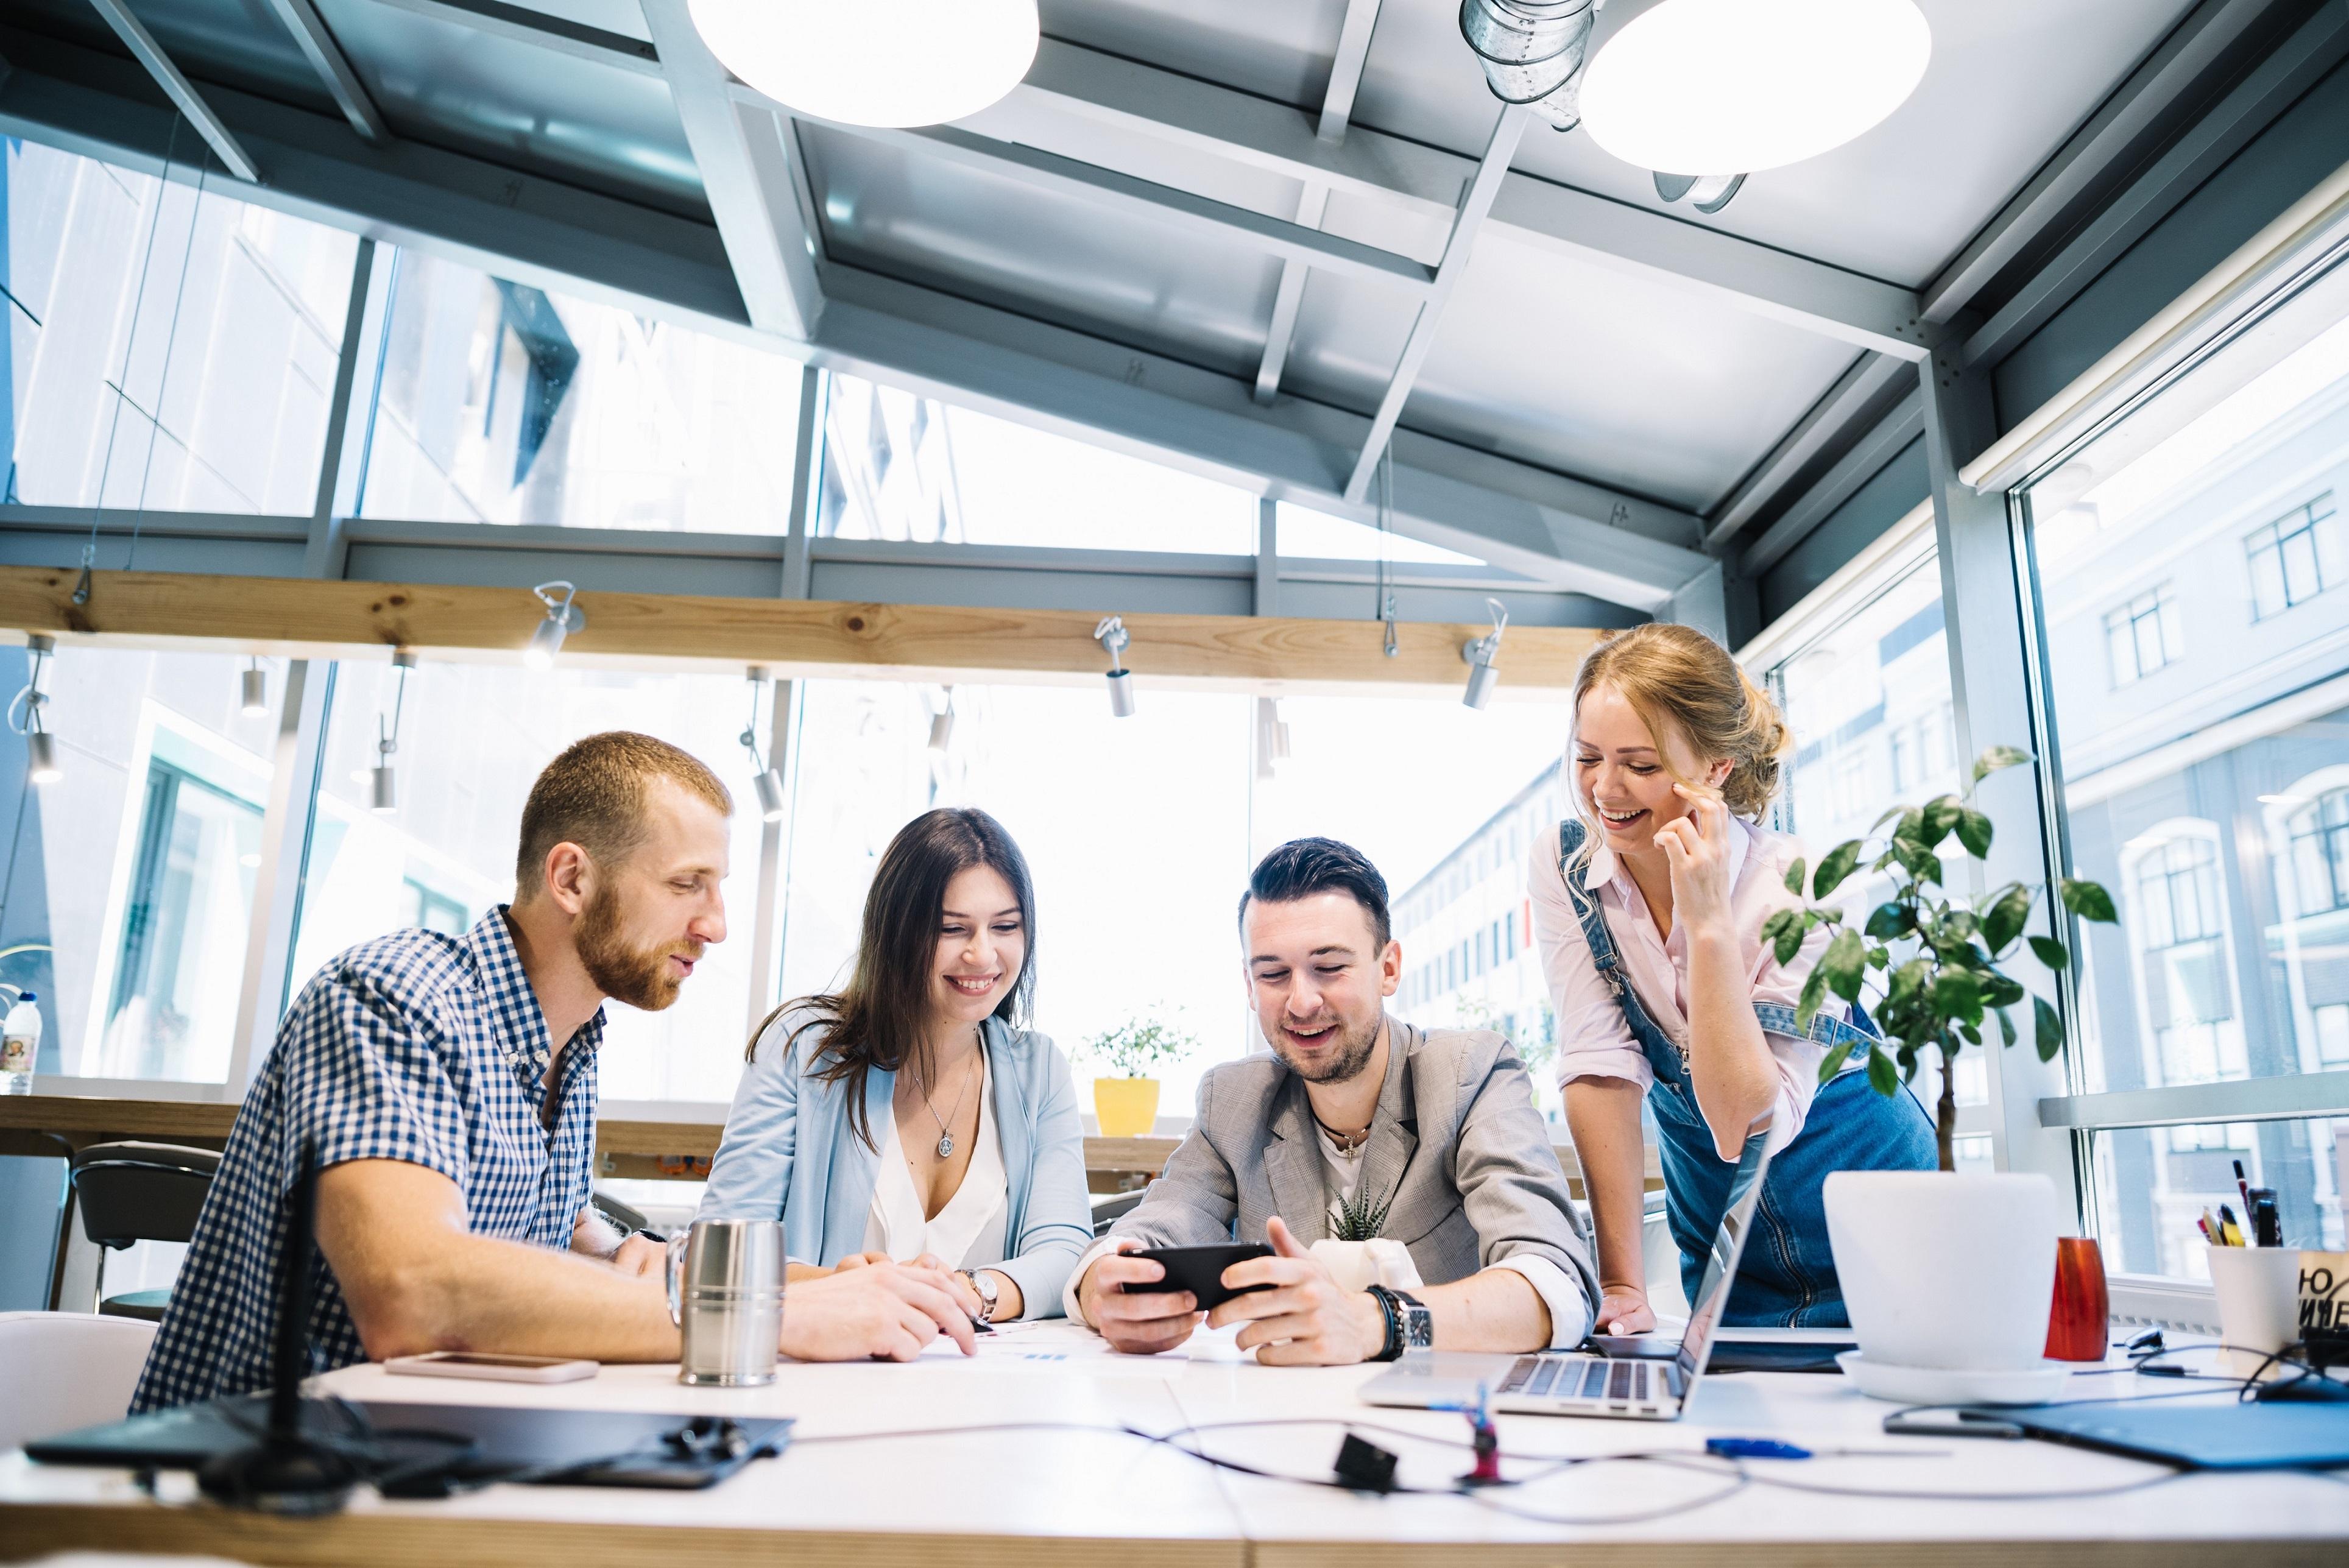 Kurum kültürü ve iyi tasarlanmış ofis yetenekli  çalışanları çekiyor